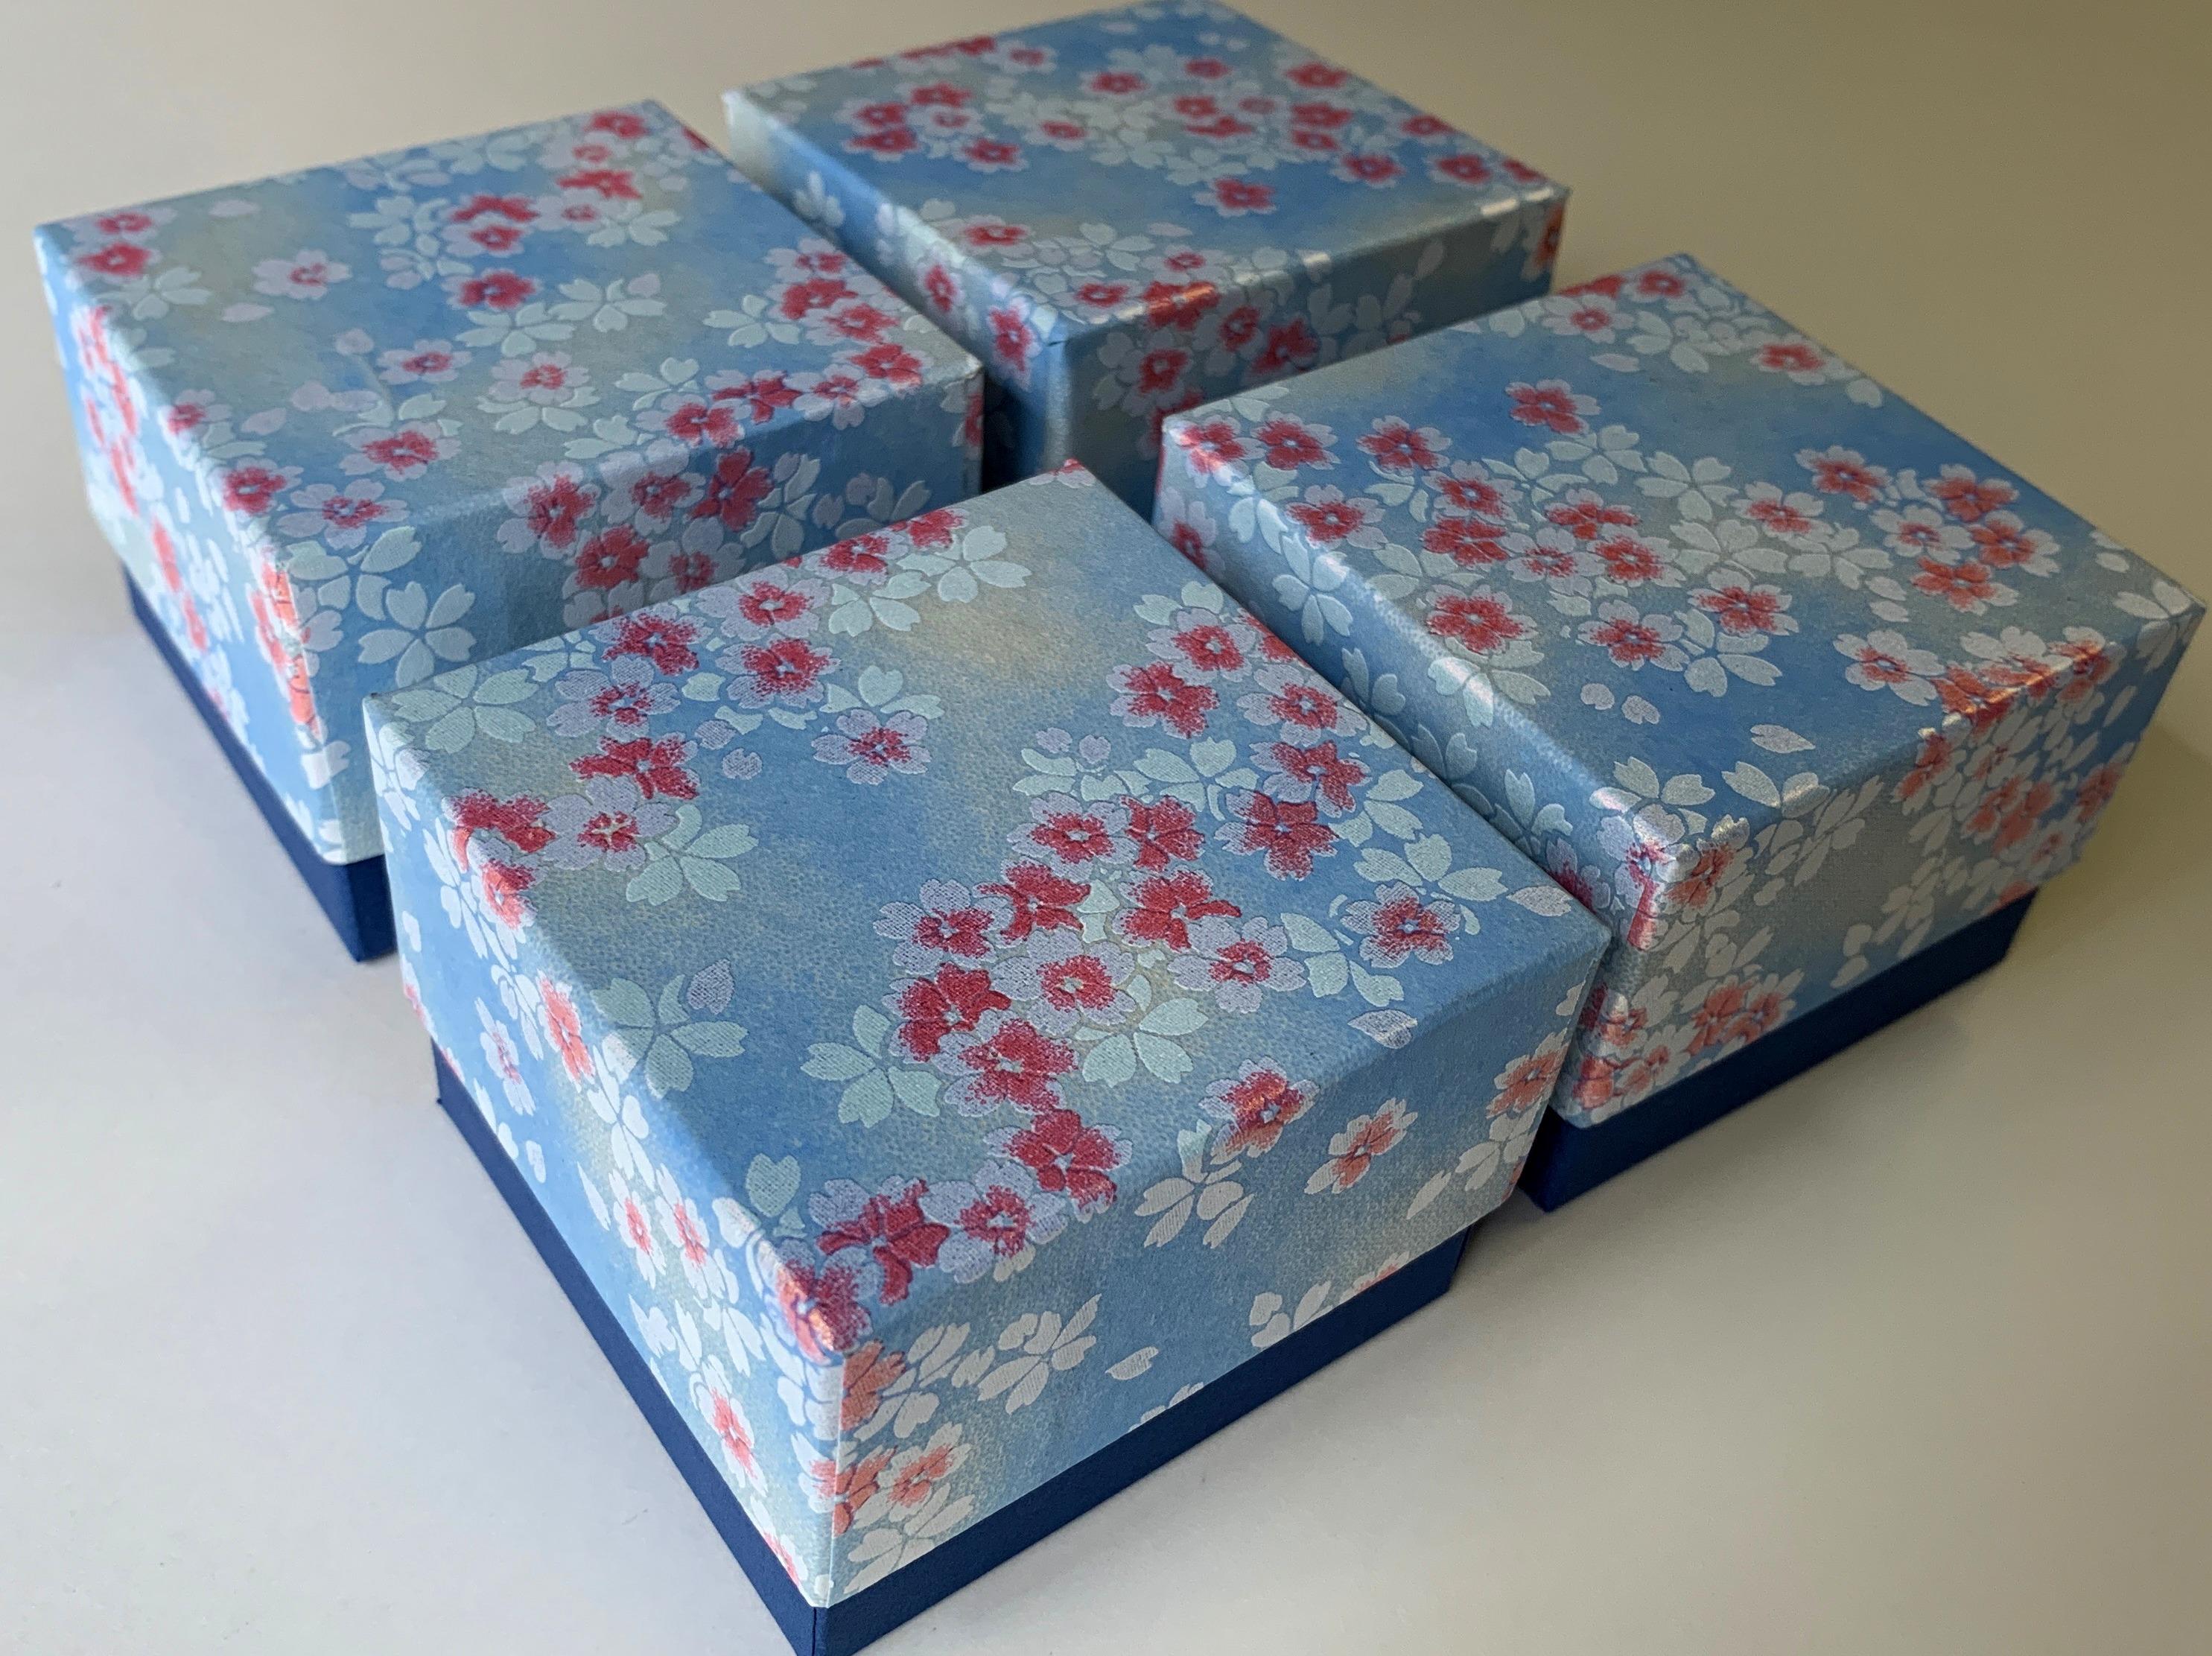 千代紙と鳥の子紙を使用した青色が基調の小箱をスイスに向けて発送しました